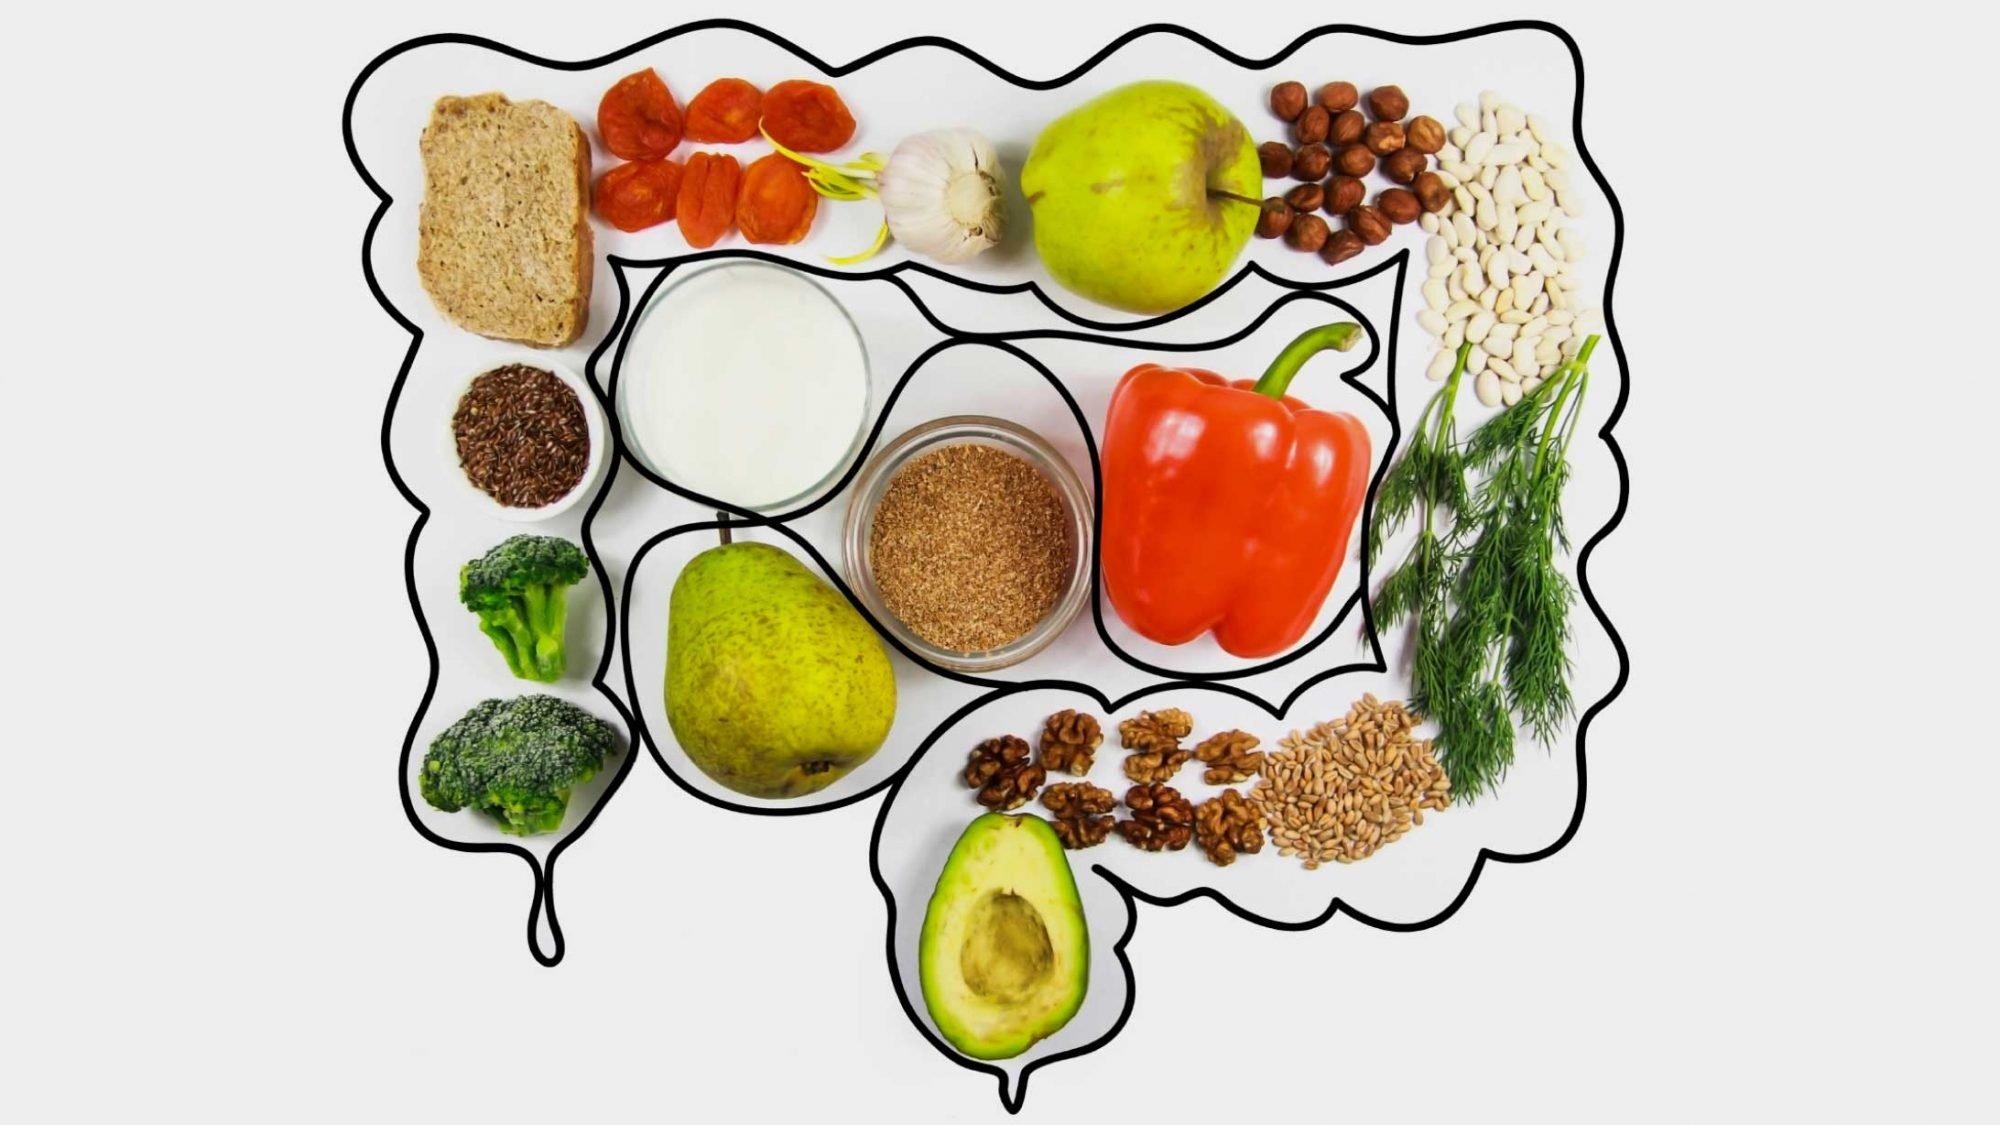 Gemüse und Früchte unterstützen das Mikrobiom im Darm.